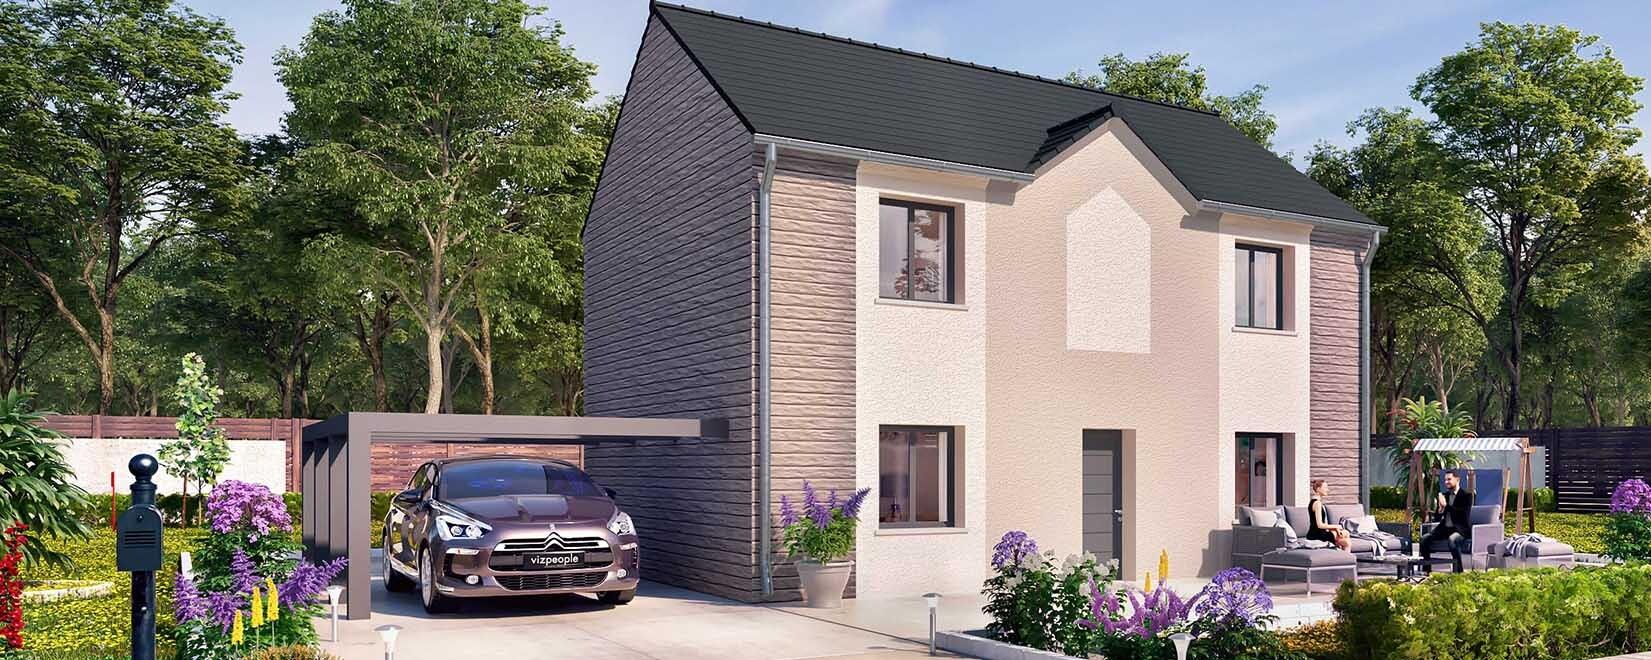 Maison LOL - construction de terrains + maisons en Ile-de-France